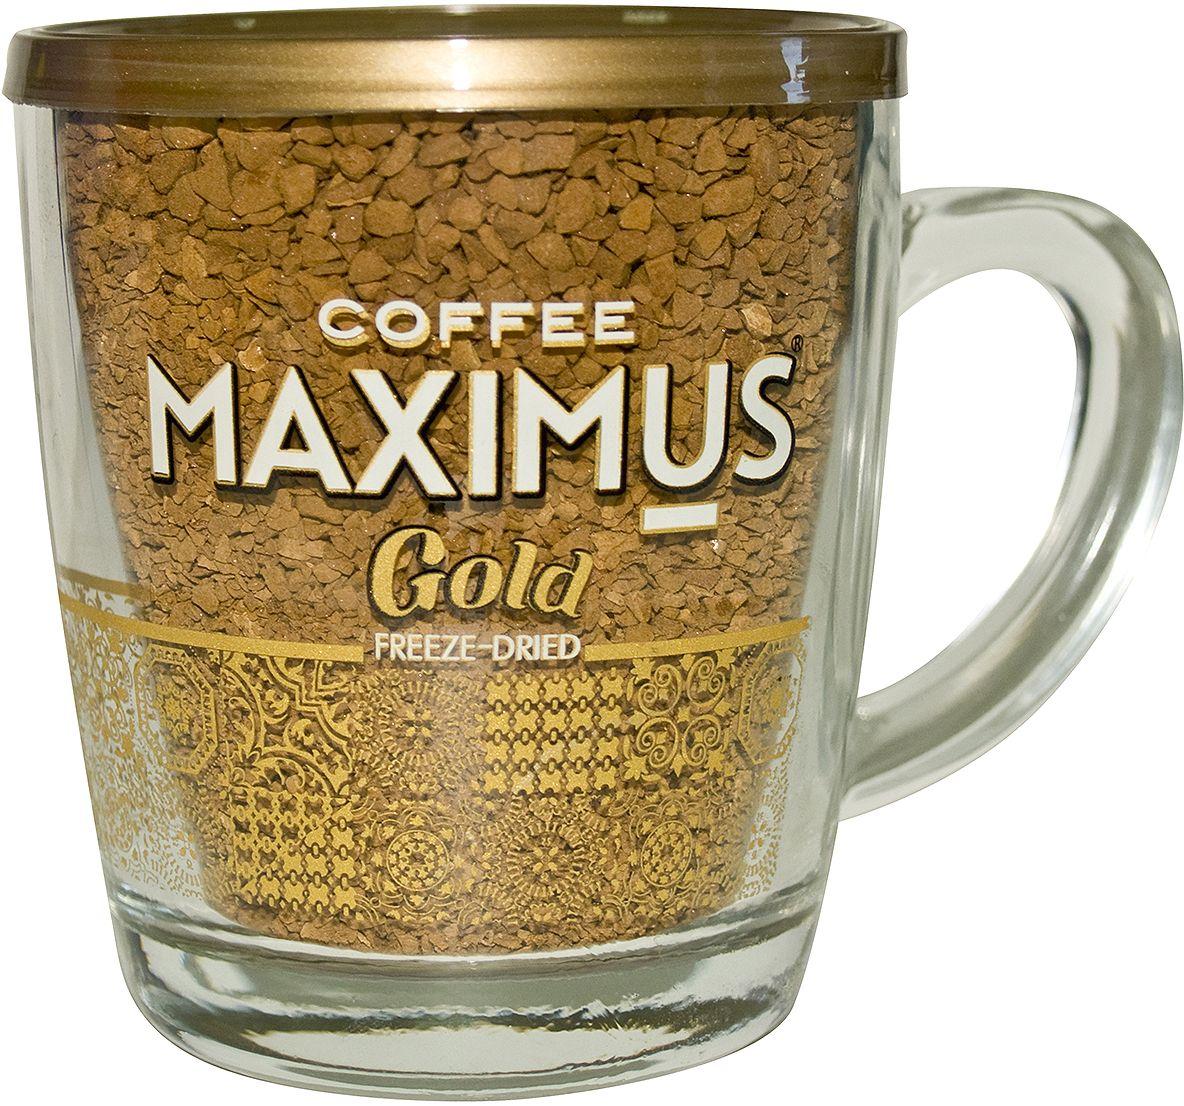 Maximus Gold кофе растворимый в стеклянной кружке, 70 г maximus brazil кофе растворимый 70 г